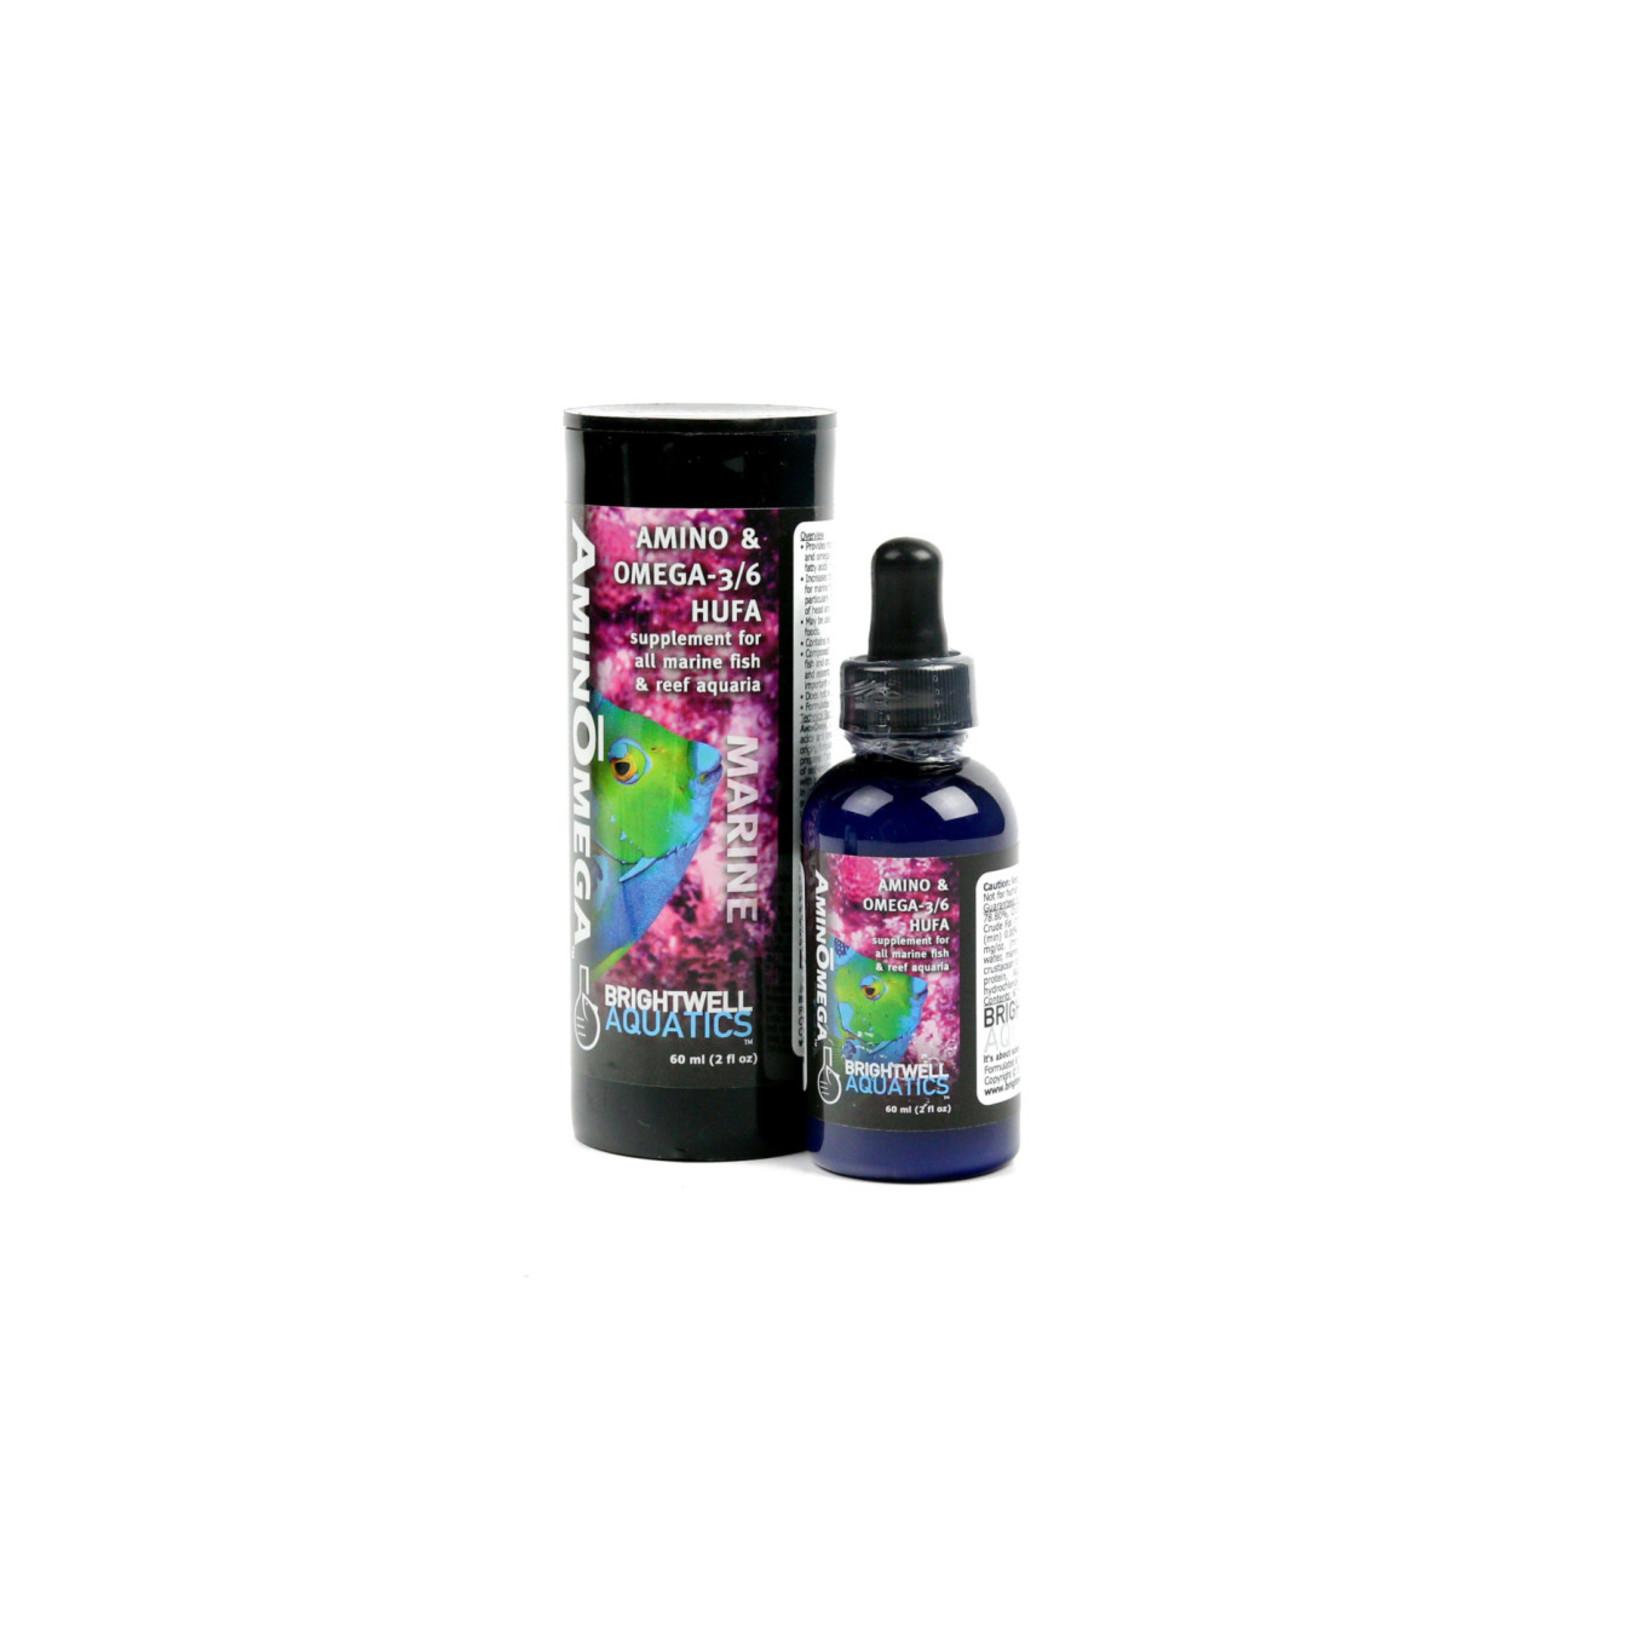 Hobby Amin?mega - Supplement d'acide amine et omega-3/6